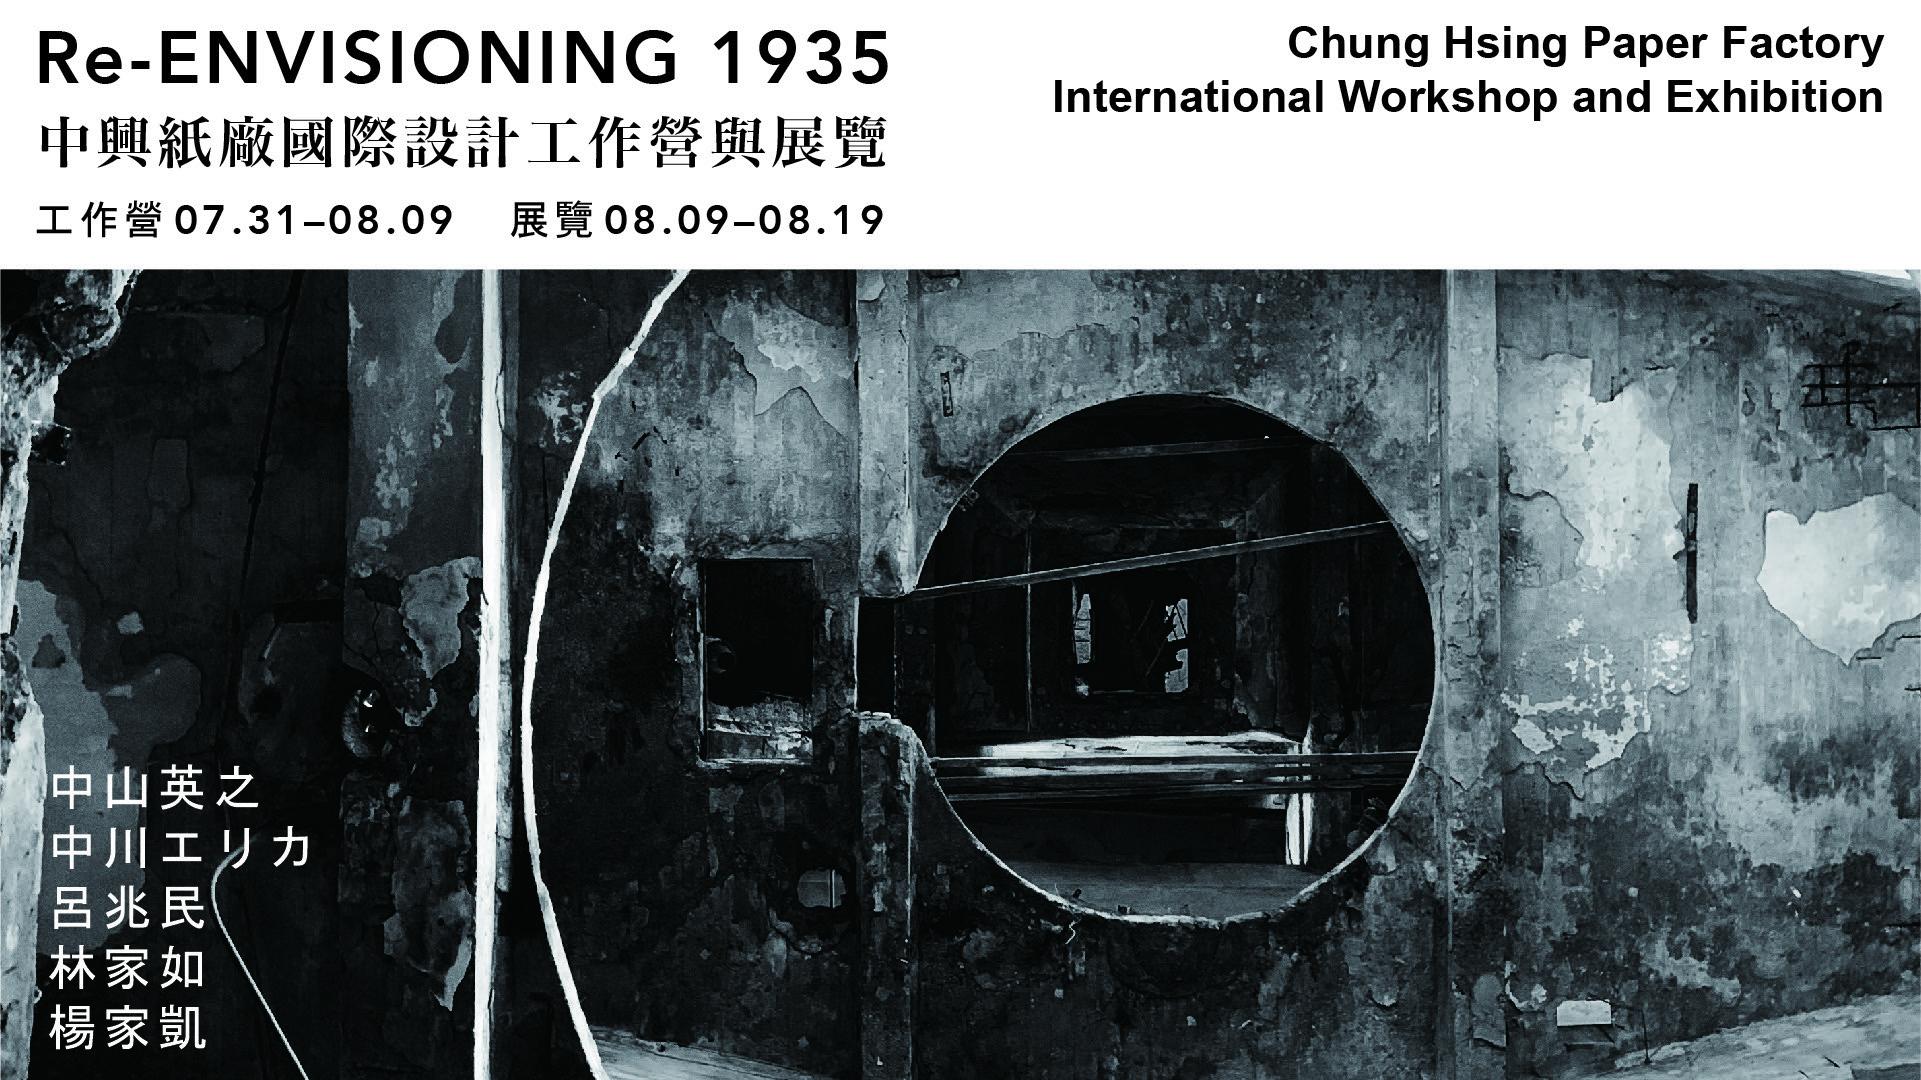 重新想像1935:中興紙廠國際設計工作營展覽